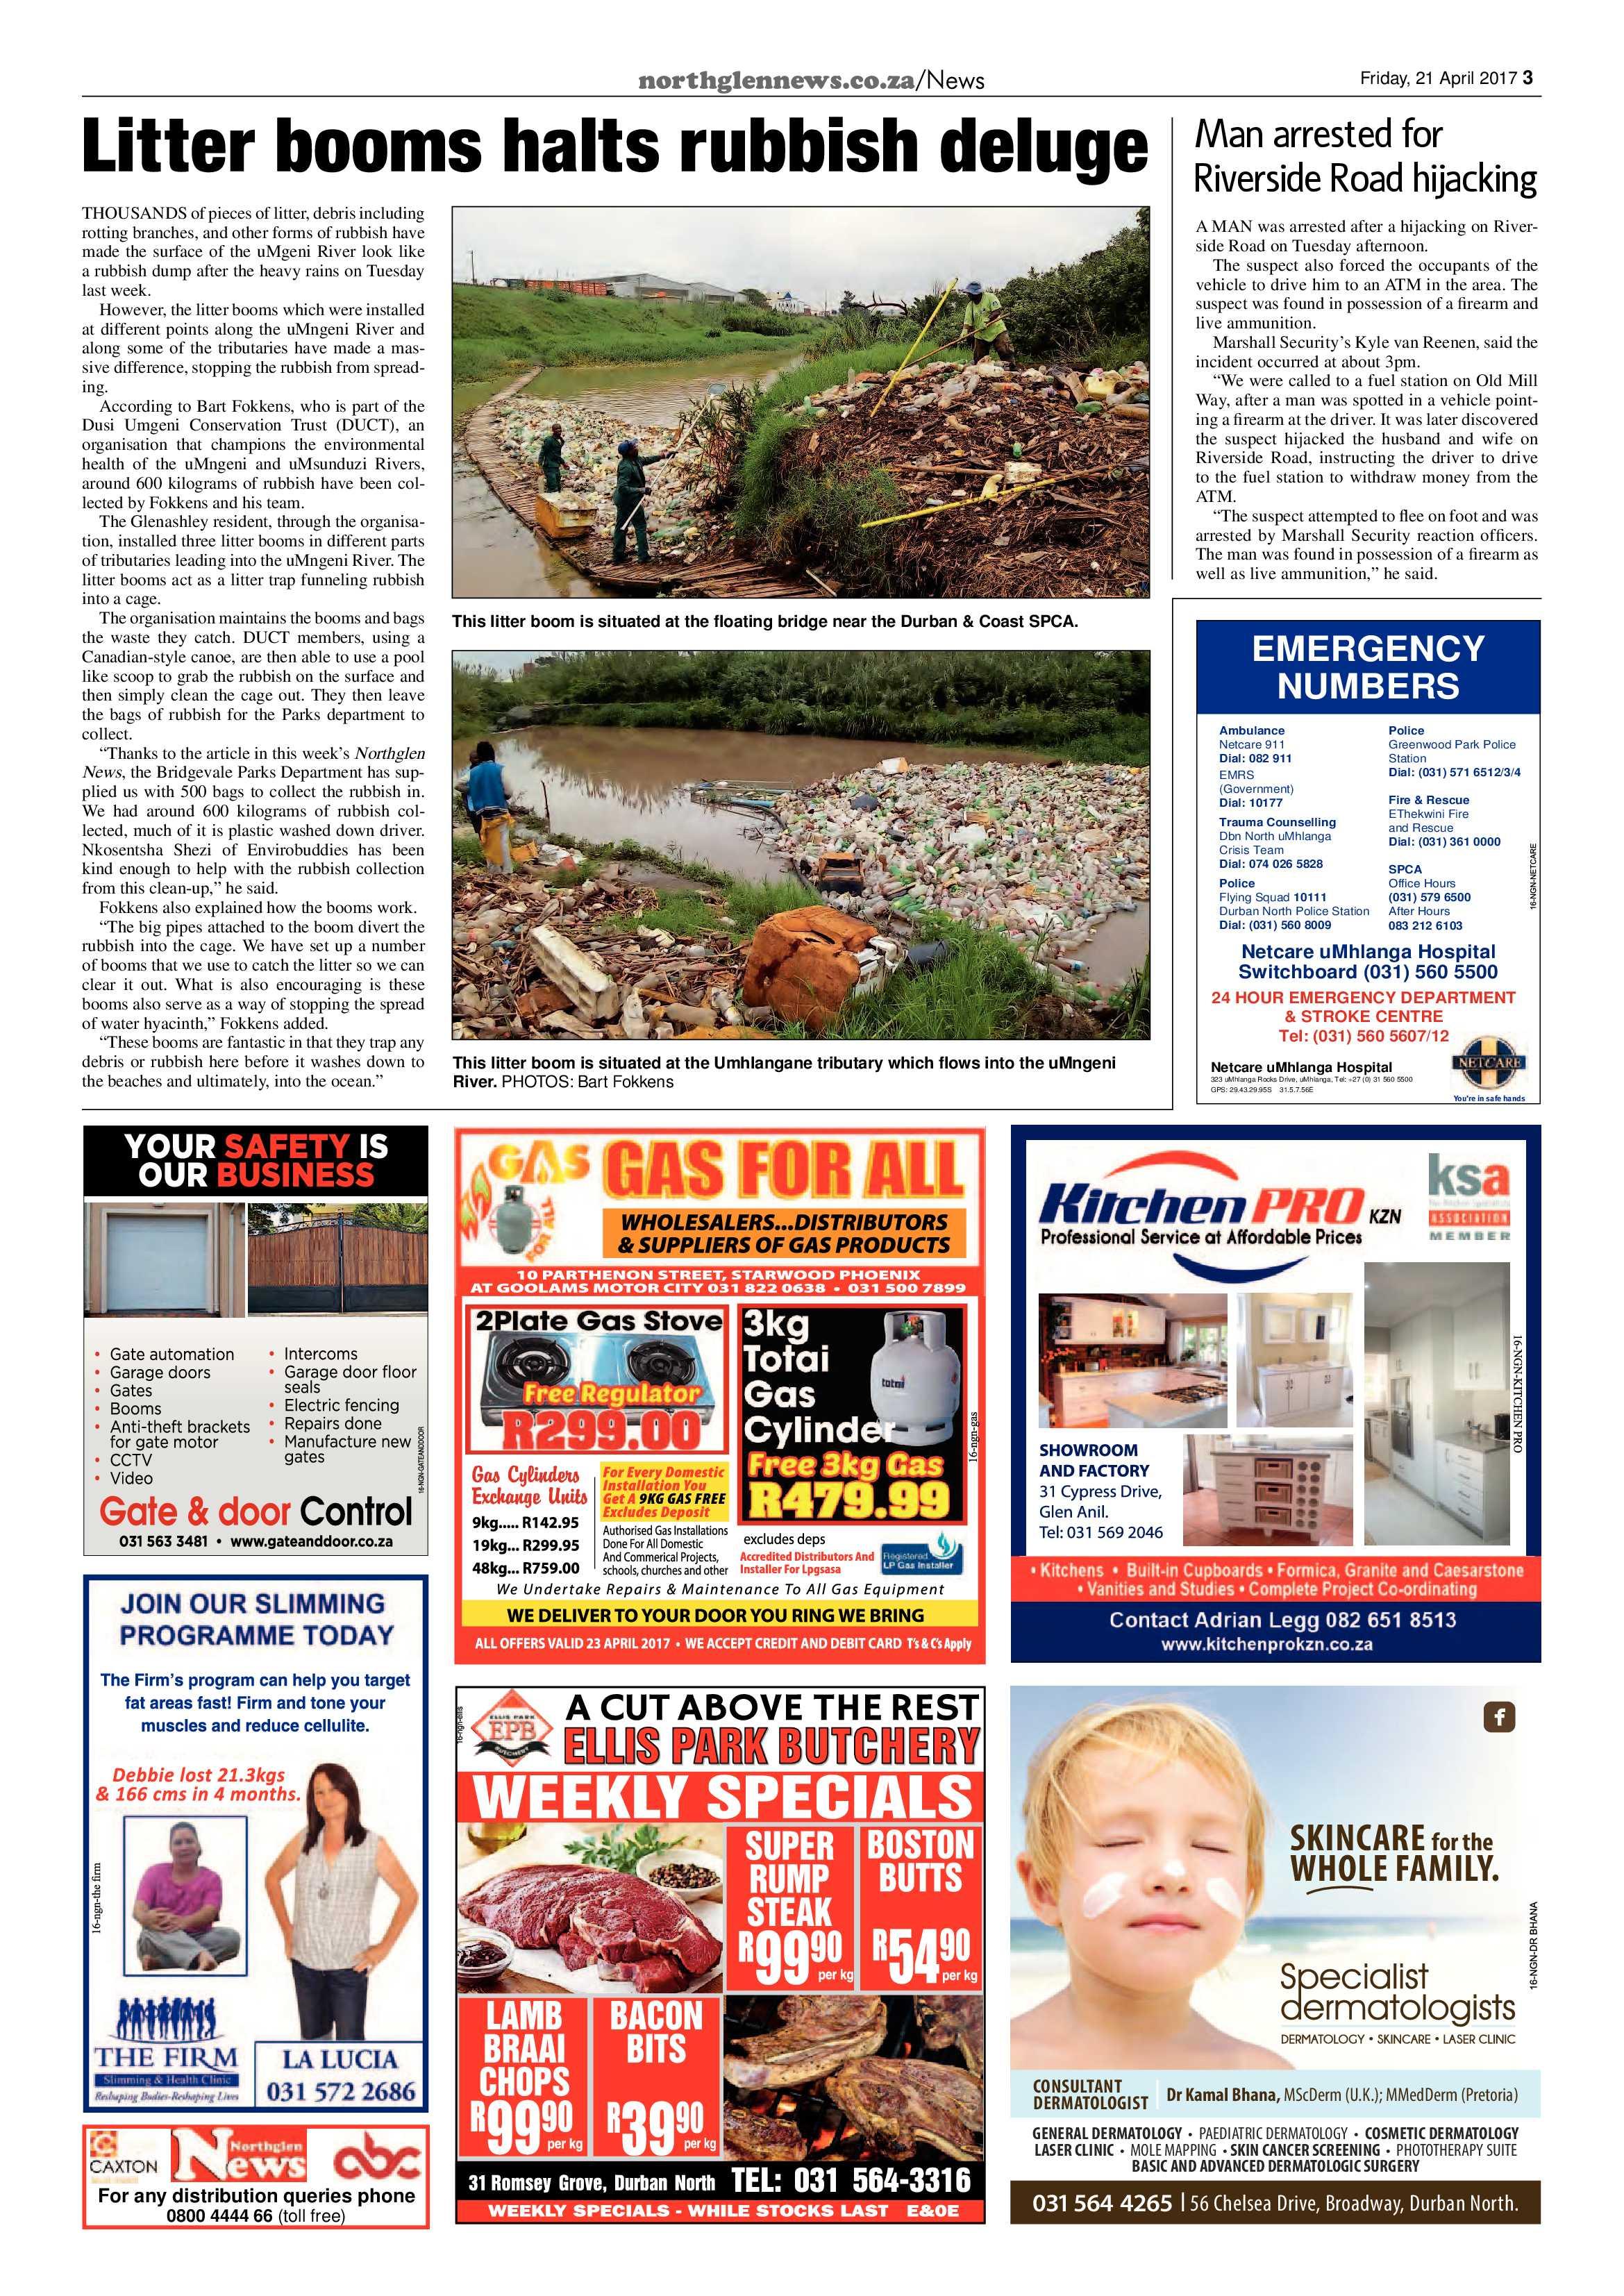 northglen-news-21-april-2017-epapers-page-3